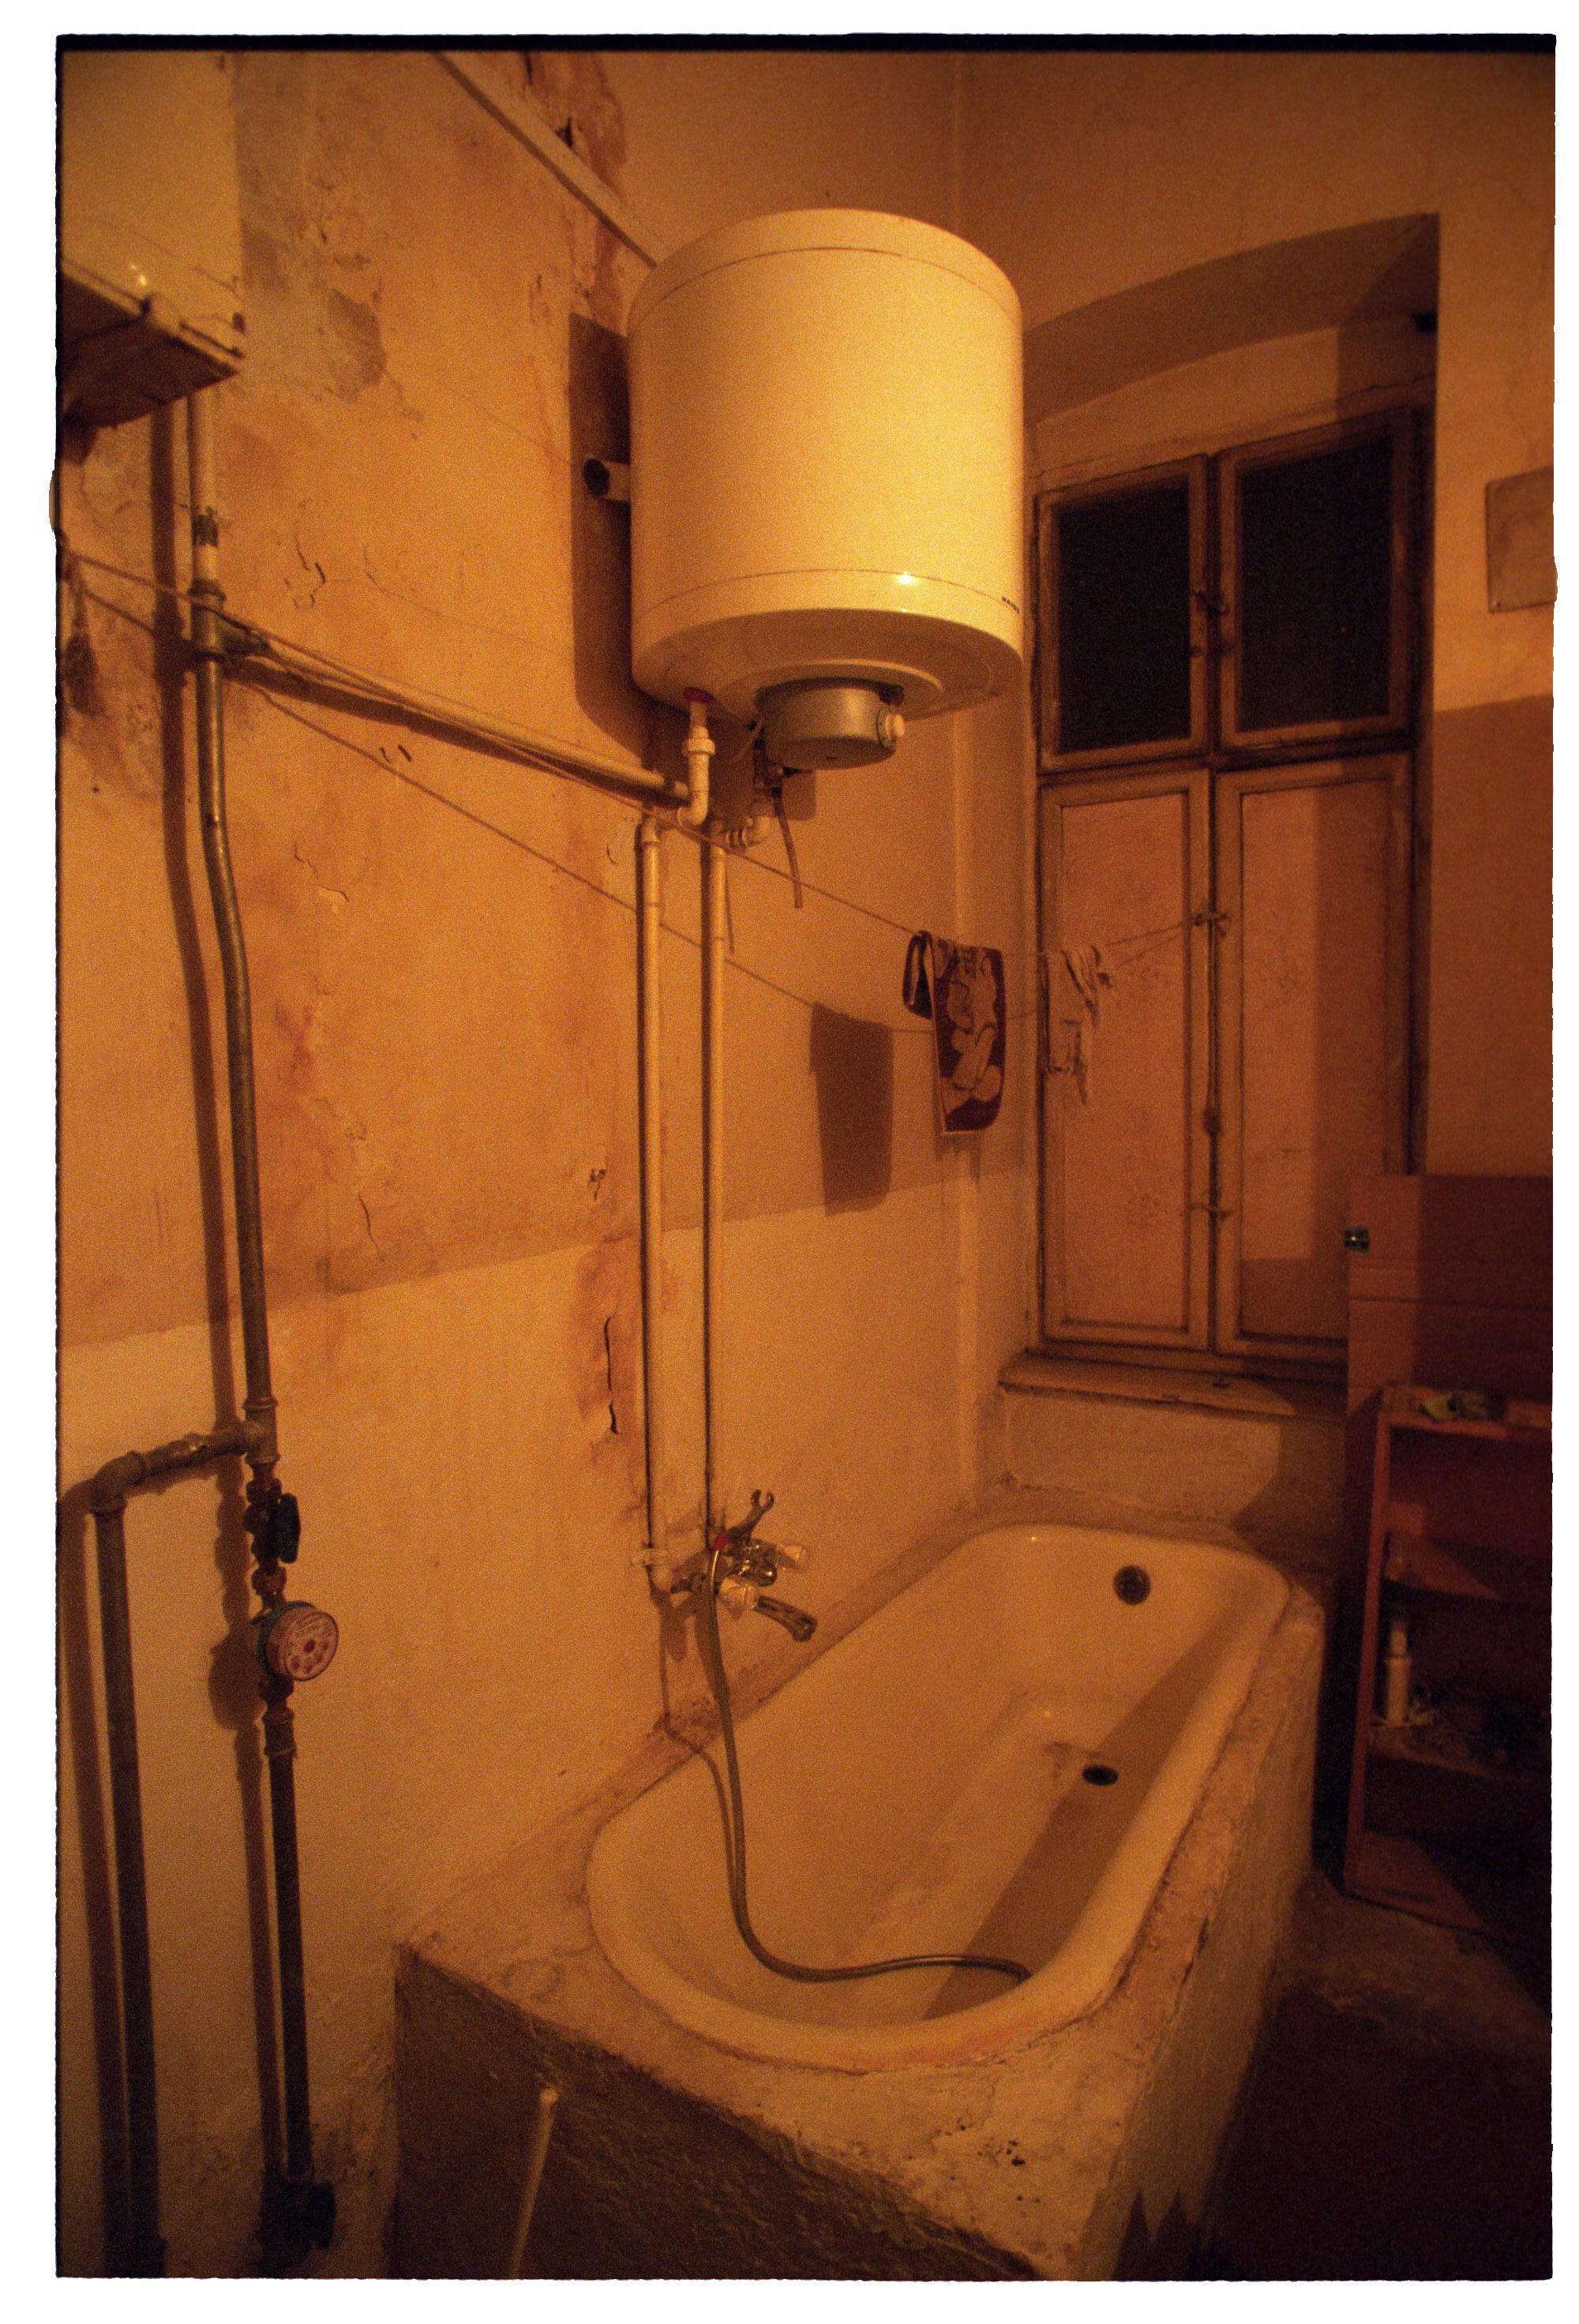 Fürdőszoba a negyedik emeleti tetőtérben, 1990-es évek vége<br />Fotó: Bánkuti András